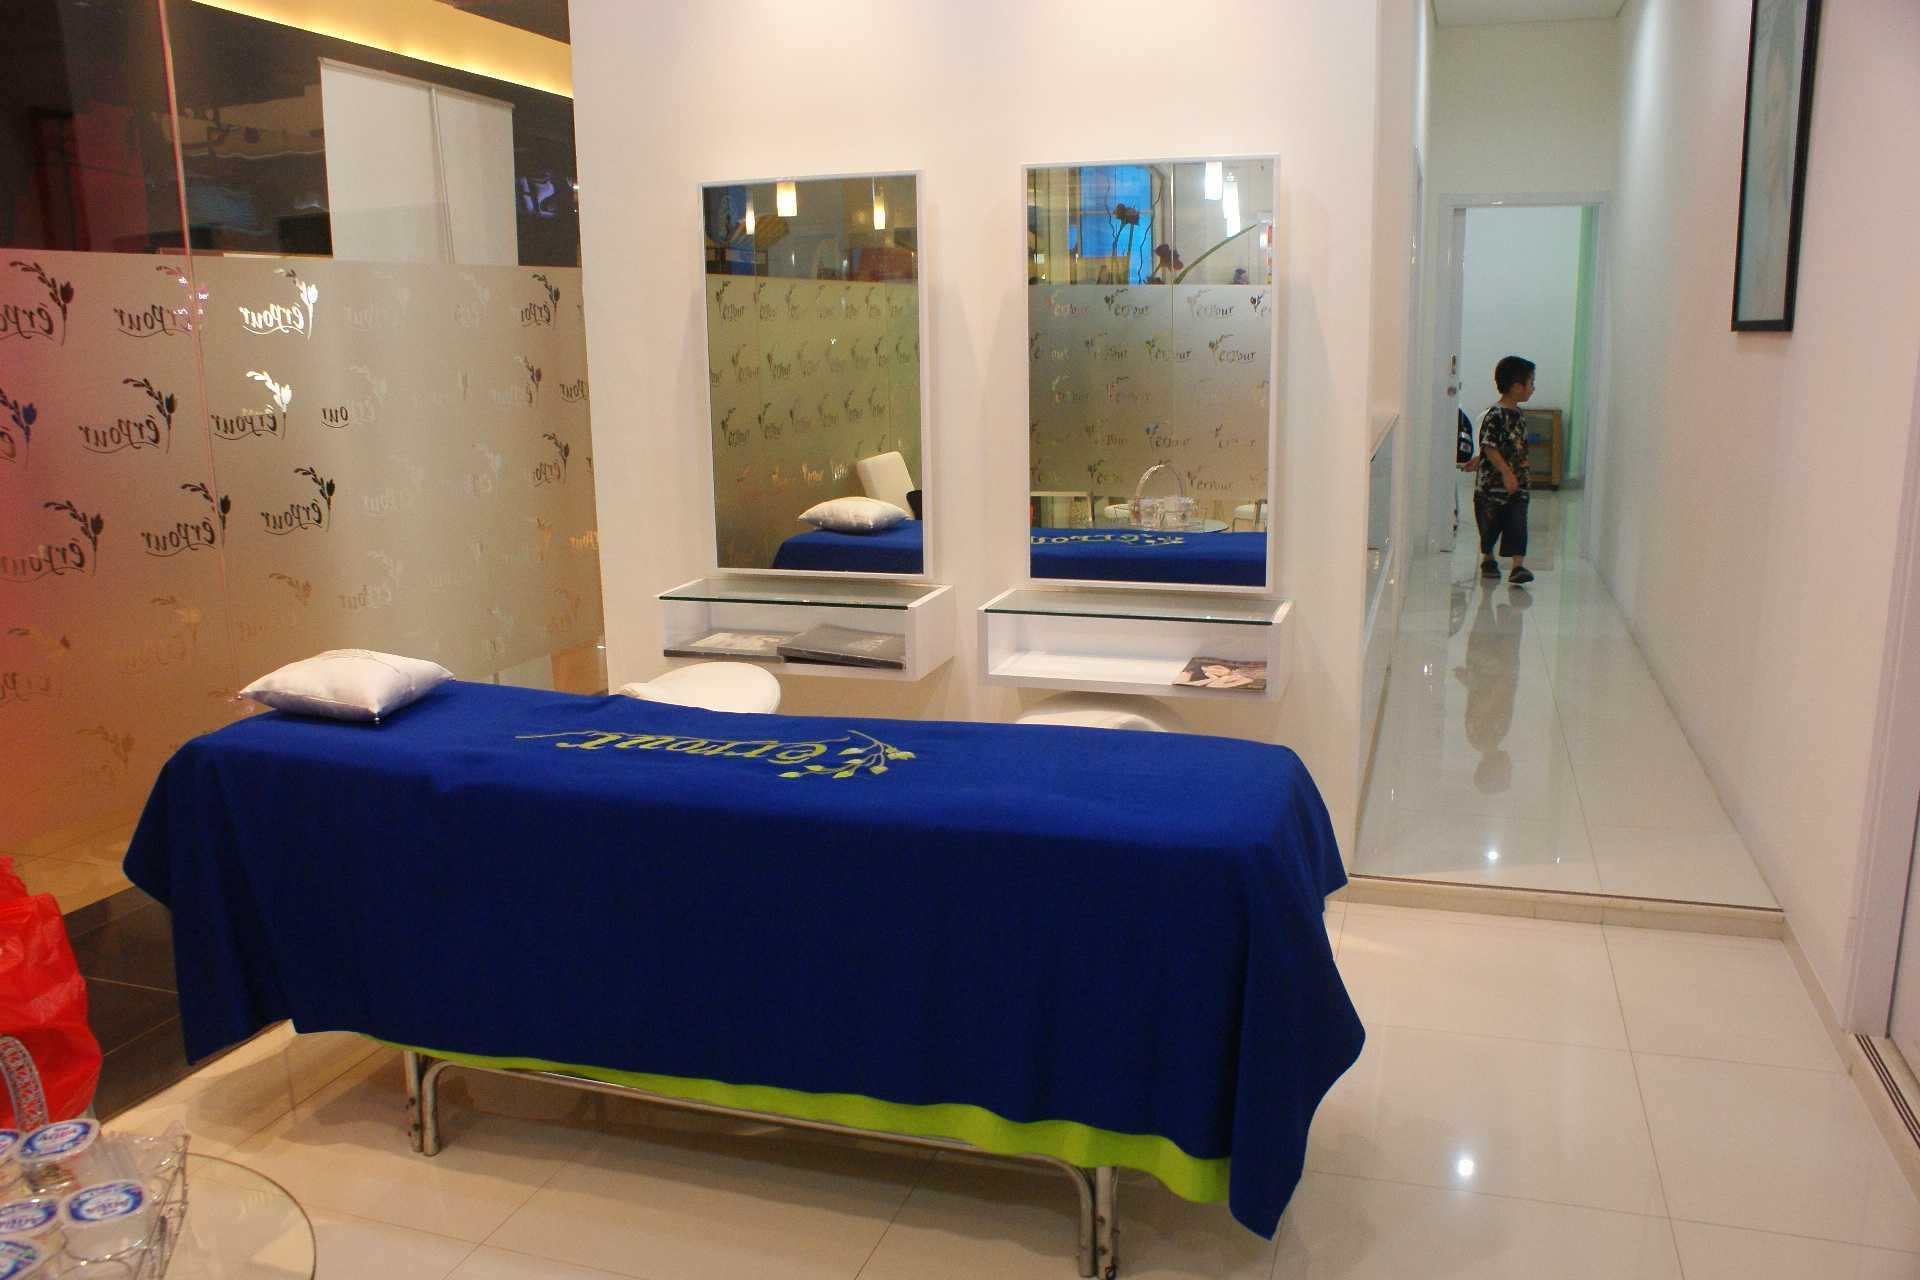 Astana Interior Beauty Clinic Jl. Boulevard Bar. Raya, Rt.18/rw.8, Klp. Gading Bar., Klp. Gading, Kota Jkt Utara, Daerah Khusus Ibukota Jakarta 14240, Indonesia Jl. Boulevard Bar. Raya, Rt.18/rw.8, Klp. Gading Bar., Klp. Gading, Kota Jkt Utara, Daerah Khusus Ibukota Jakarta 14240, Indonesia Astana-Interior-Beauty-Clinic  58162